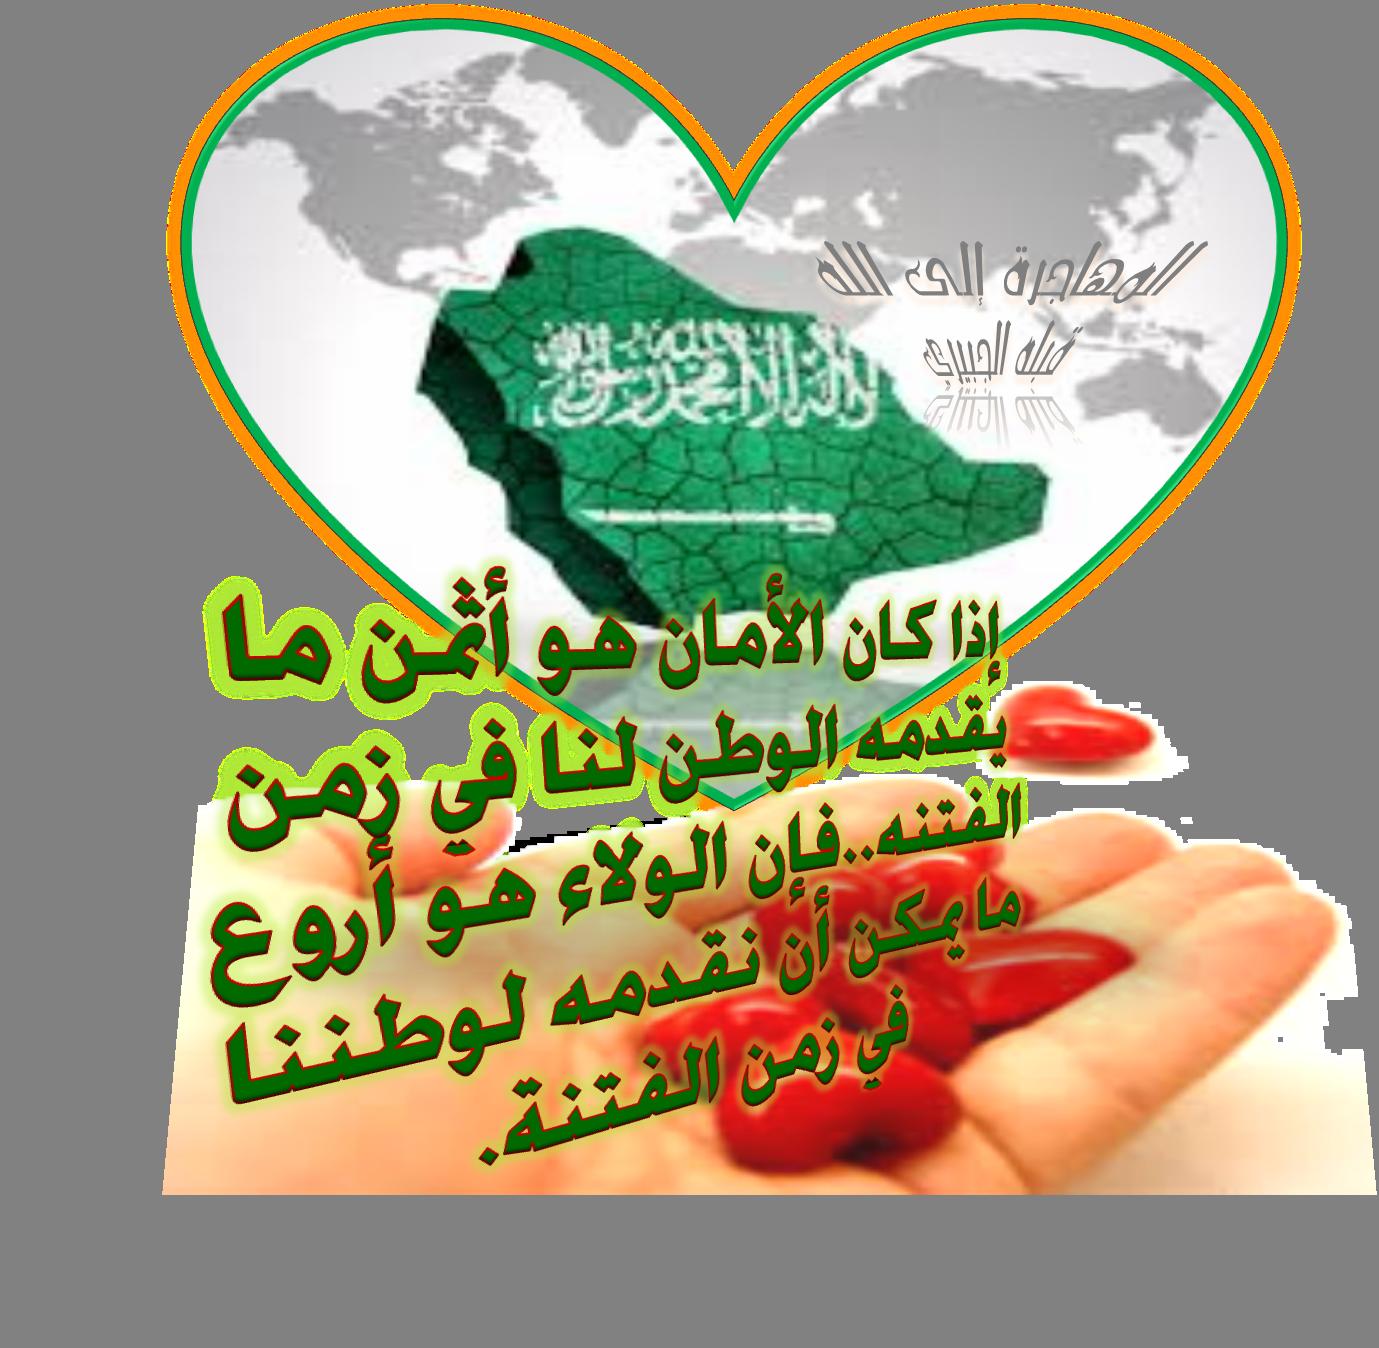 الوطن اليوم الوطني قلب حب Christmas Decorations Art Arabic Calligraphy